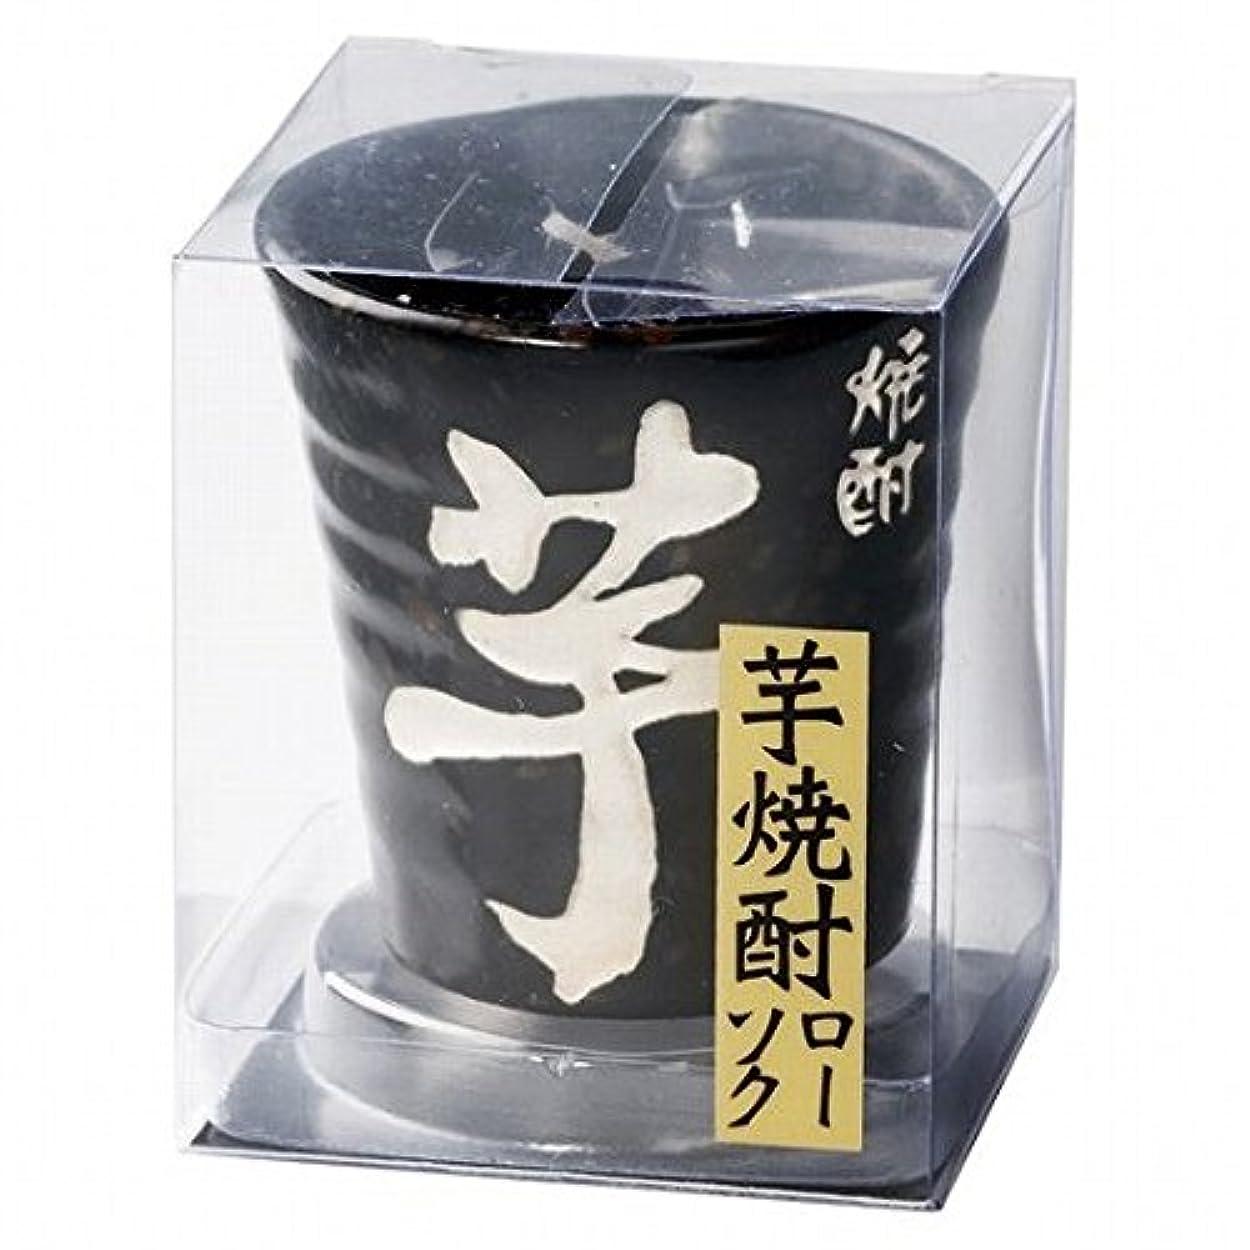 債務怠感忠実なkameyama candle(カメヤマキャンドル) 芋焼酎ローソク キャンドル(86500000)